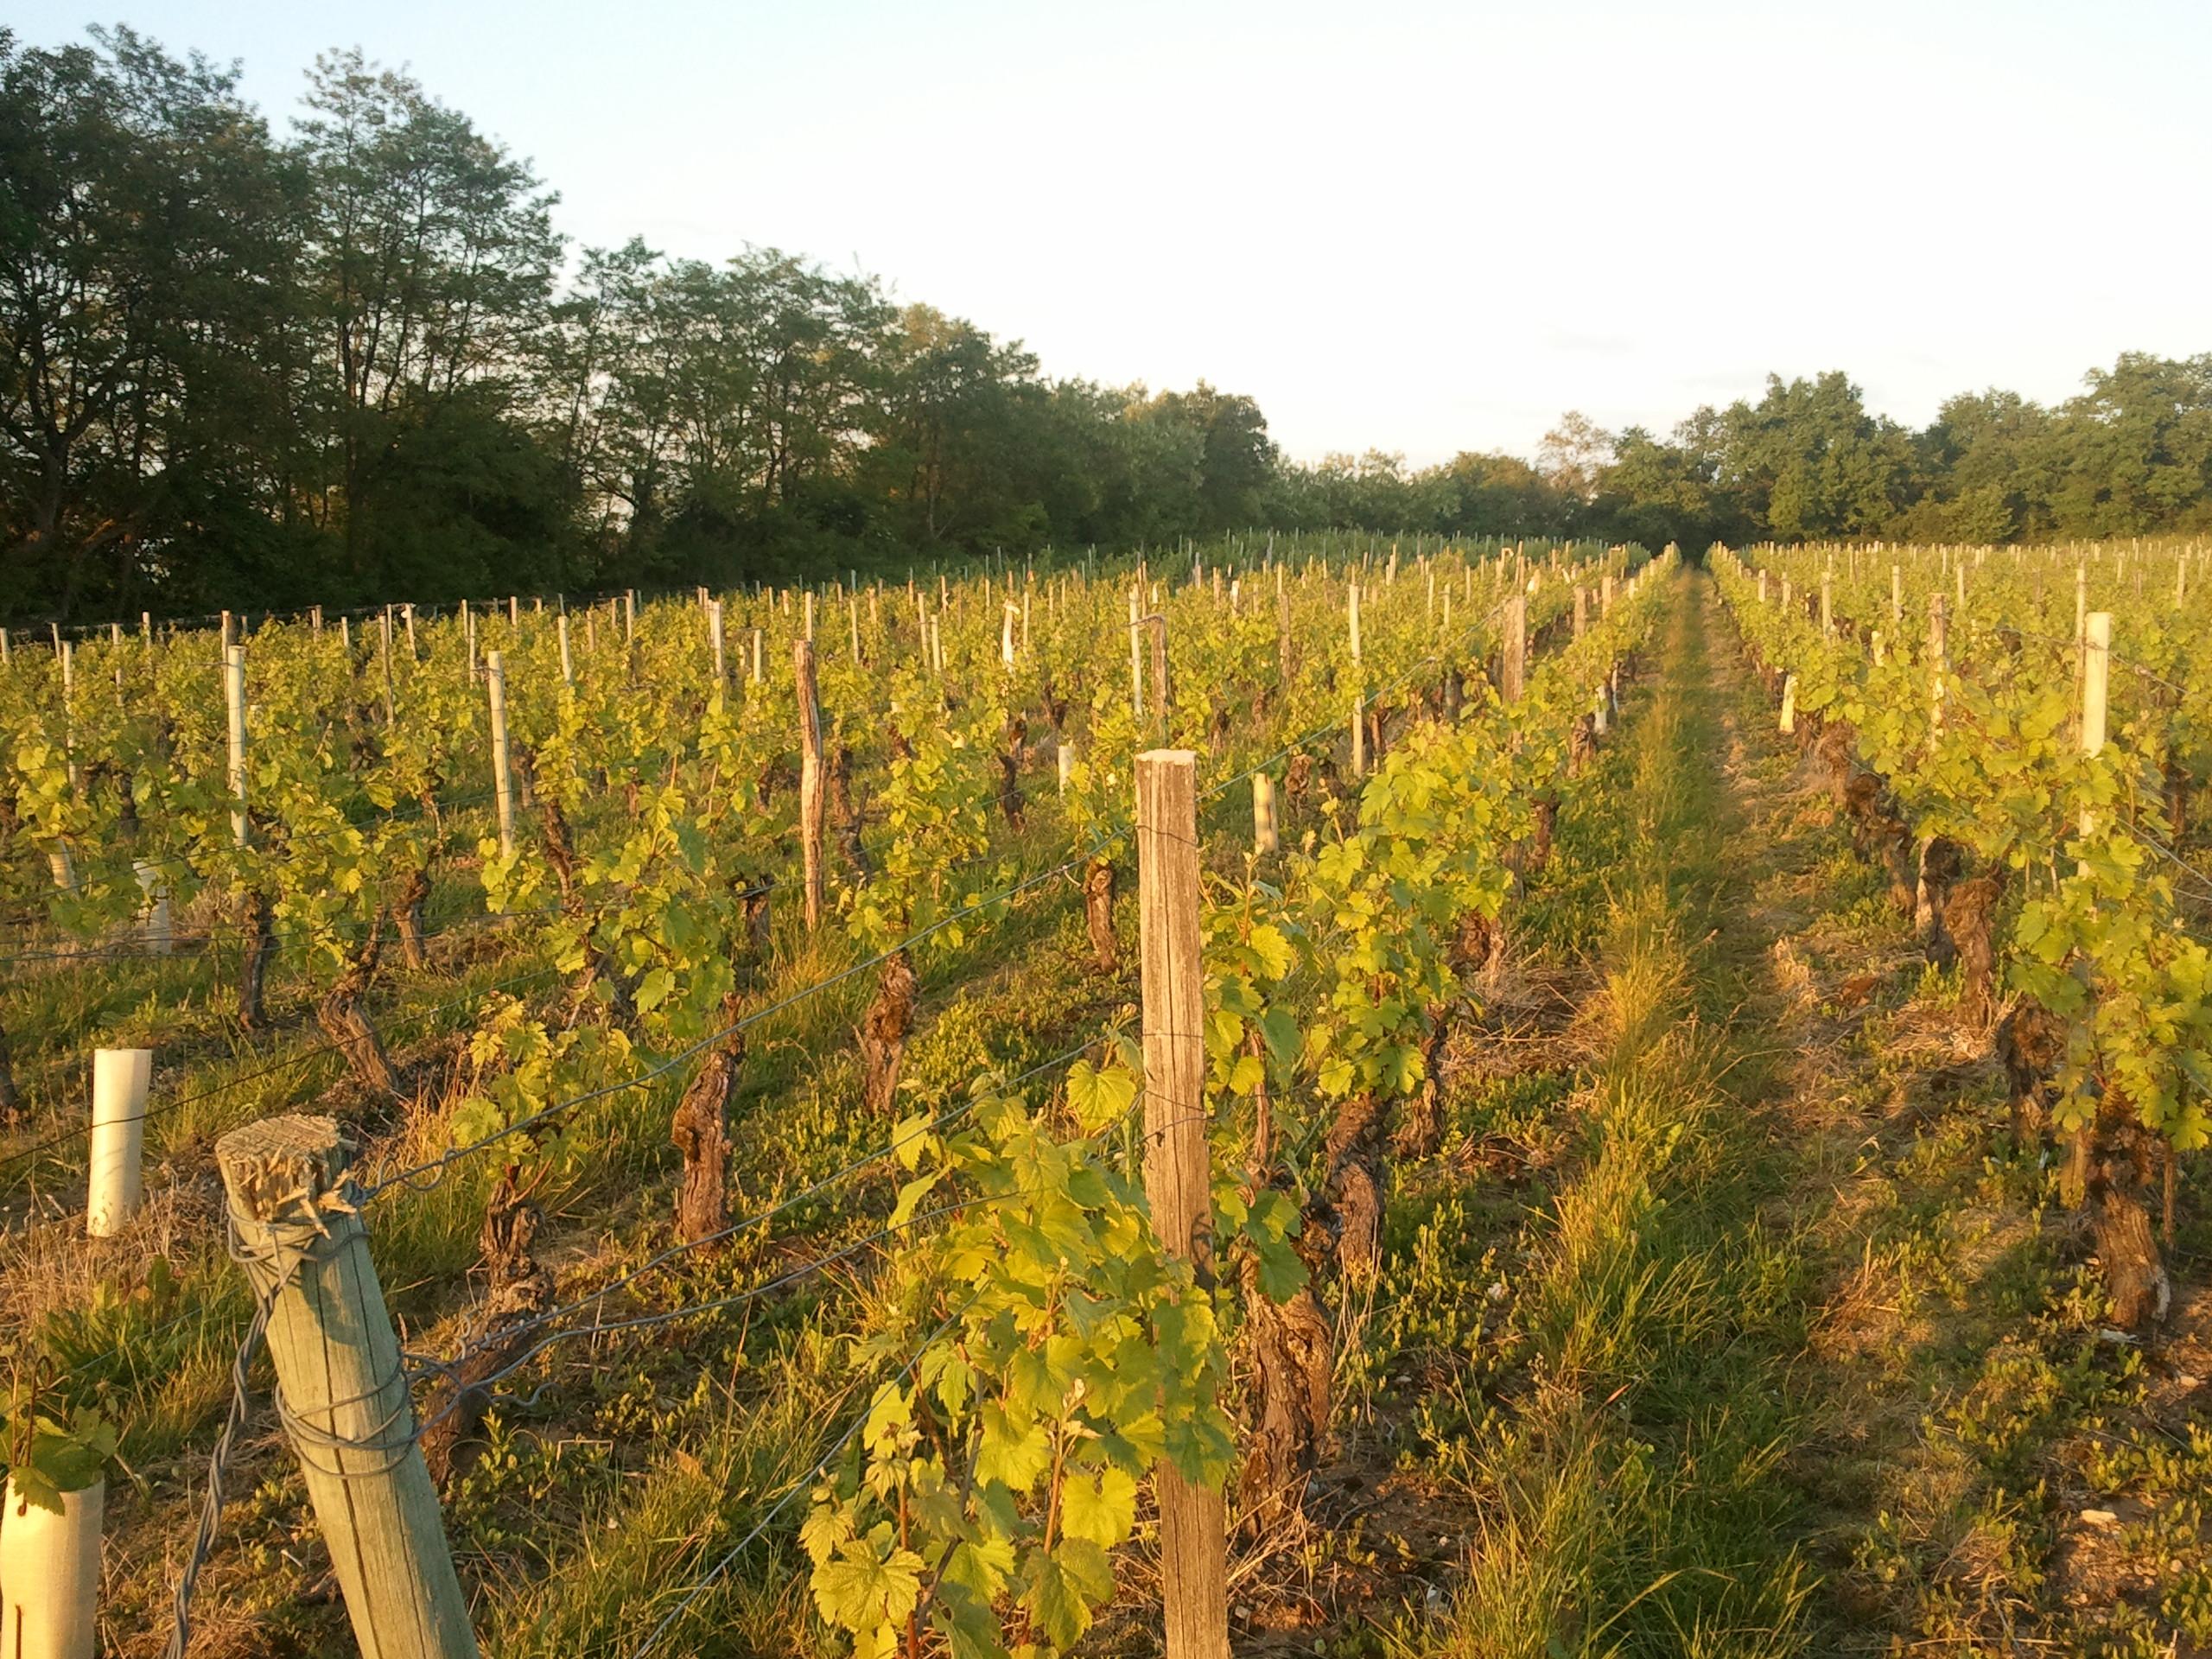 vignes-de-chardonnay-2013-06-05-20.59.191